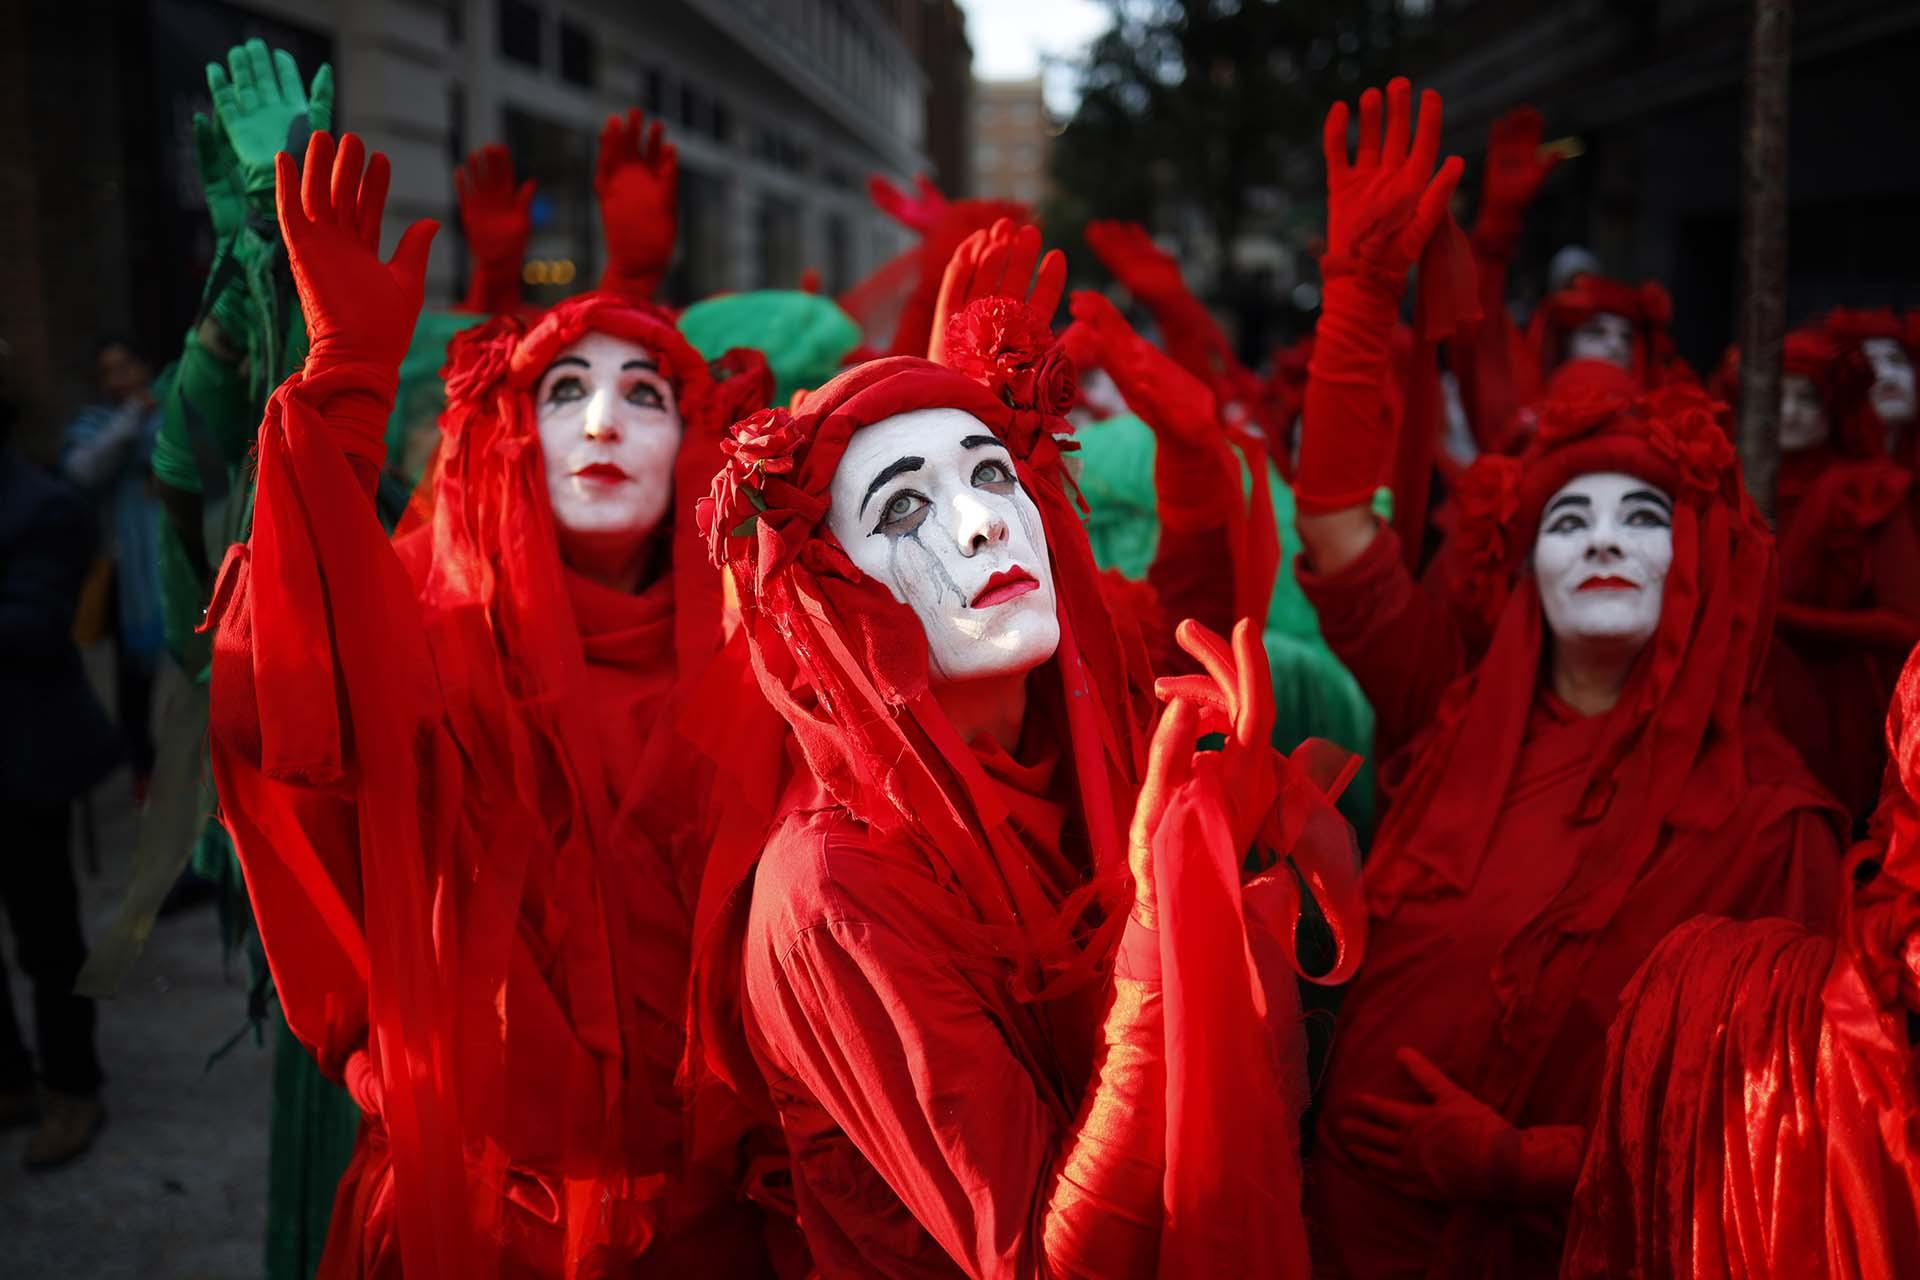 Los manifestantes disfrazados se reúnen en Marble Arch en Londres en una ceremonia de inauguración para conmemorar el comienzo de la Rebelión Internacional el 6 de octubre de 2019, un evento organizado por Extinction Rebellion. (Foto por Tolga Akmen / AFP)